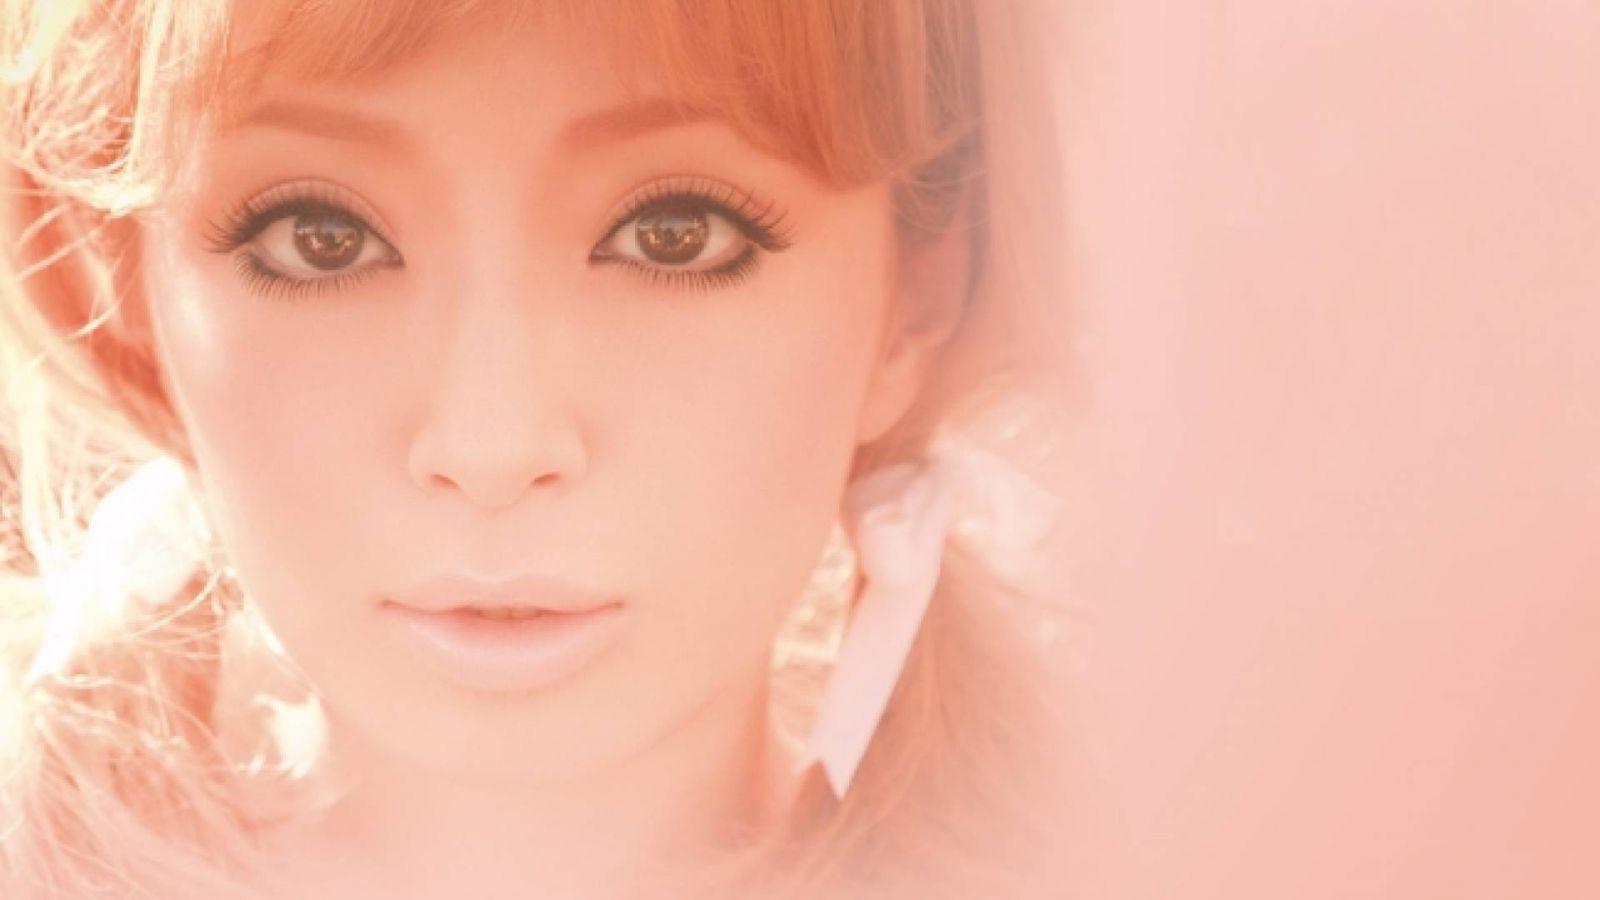 Ayumi Hamasaki lanzará su álbum FIVE en BDM (Blu-ray) © Avex Entertainment Inc.